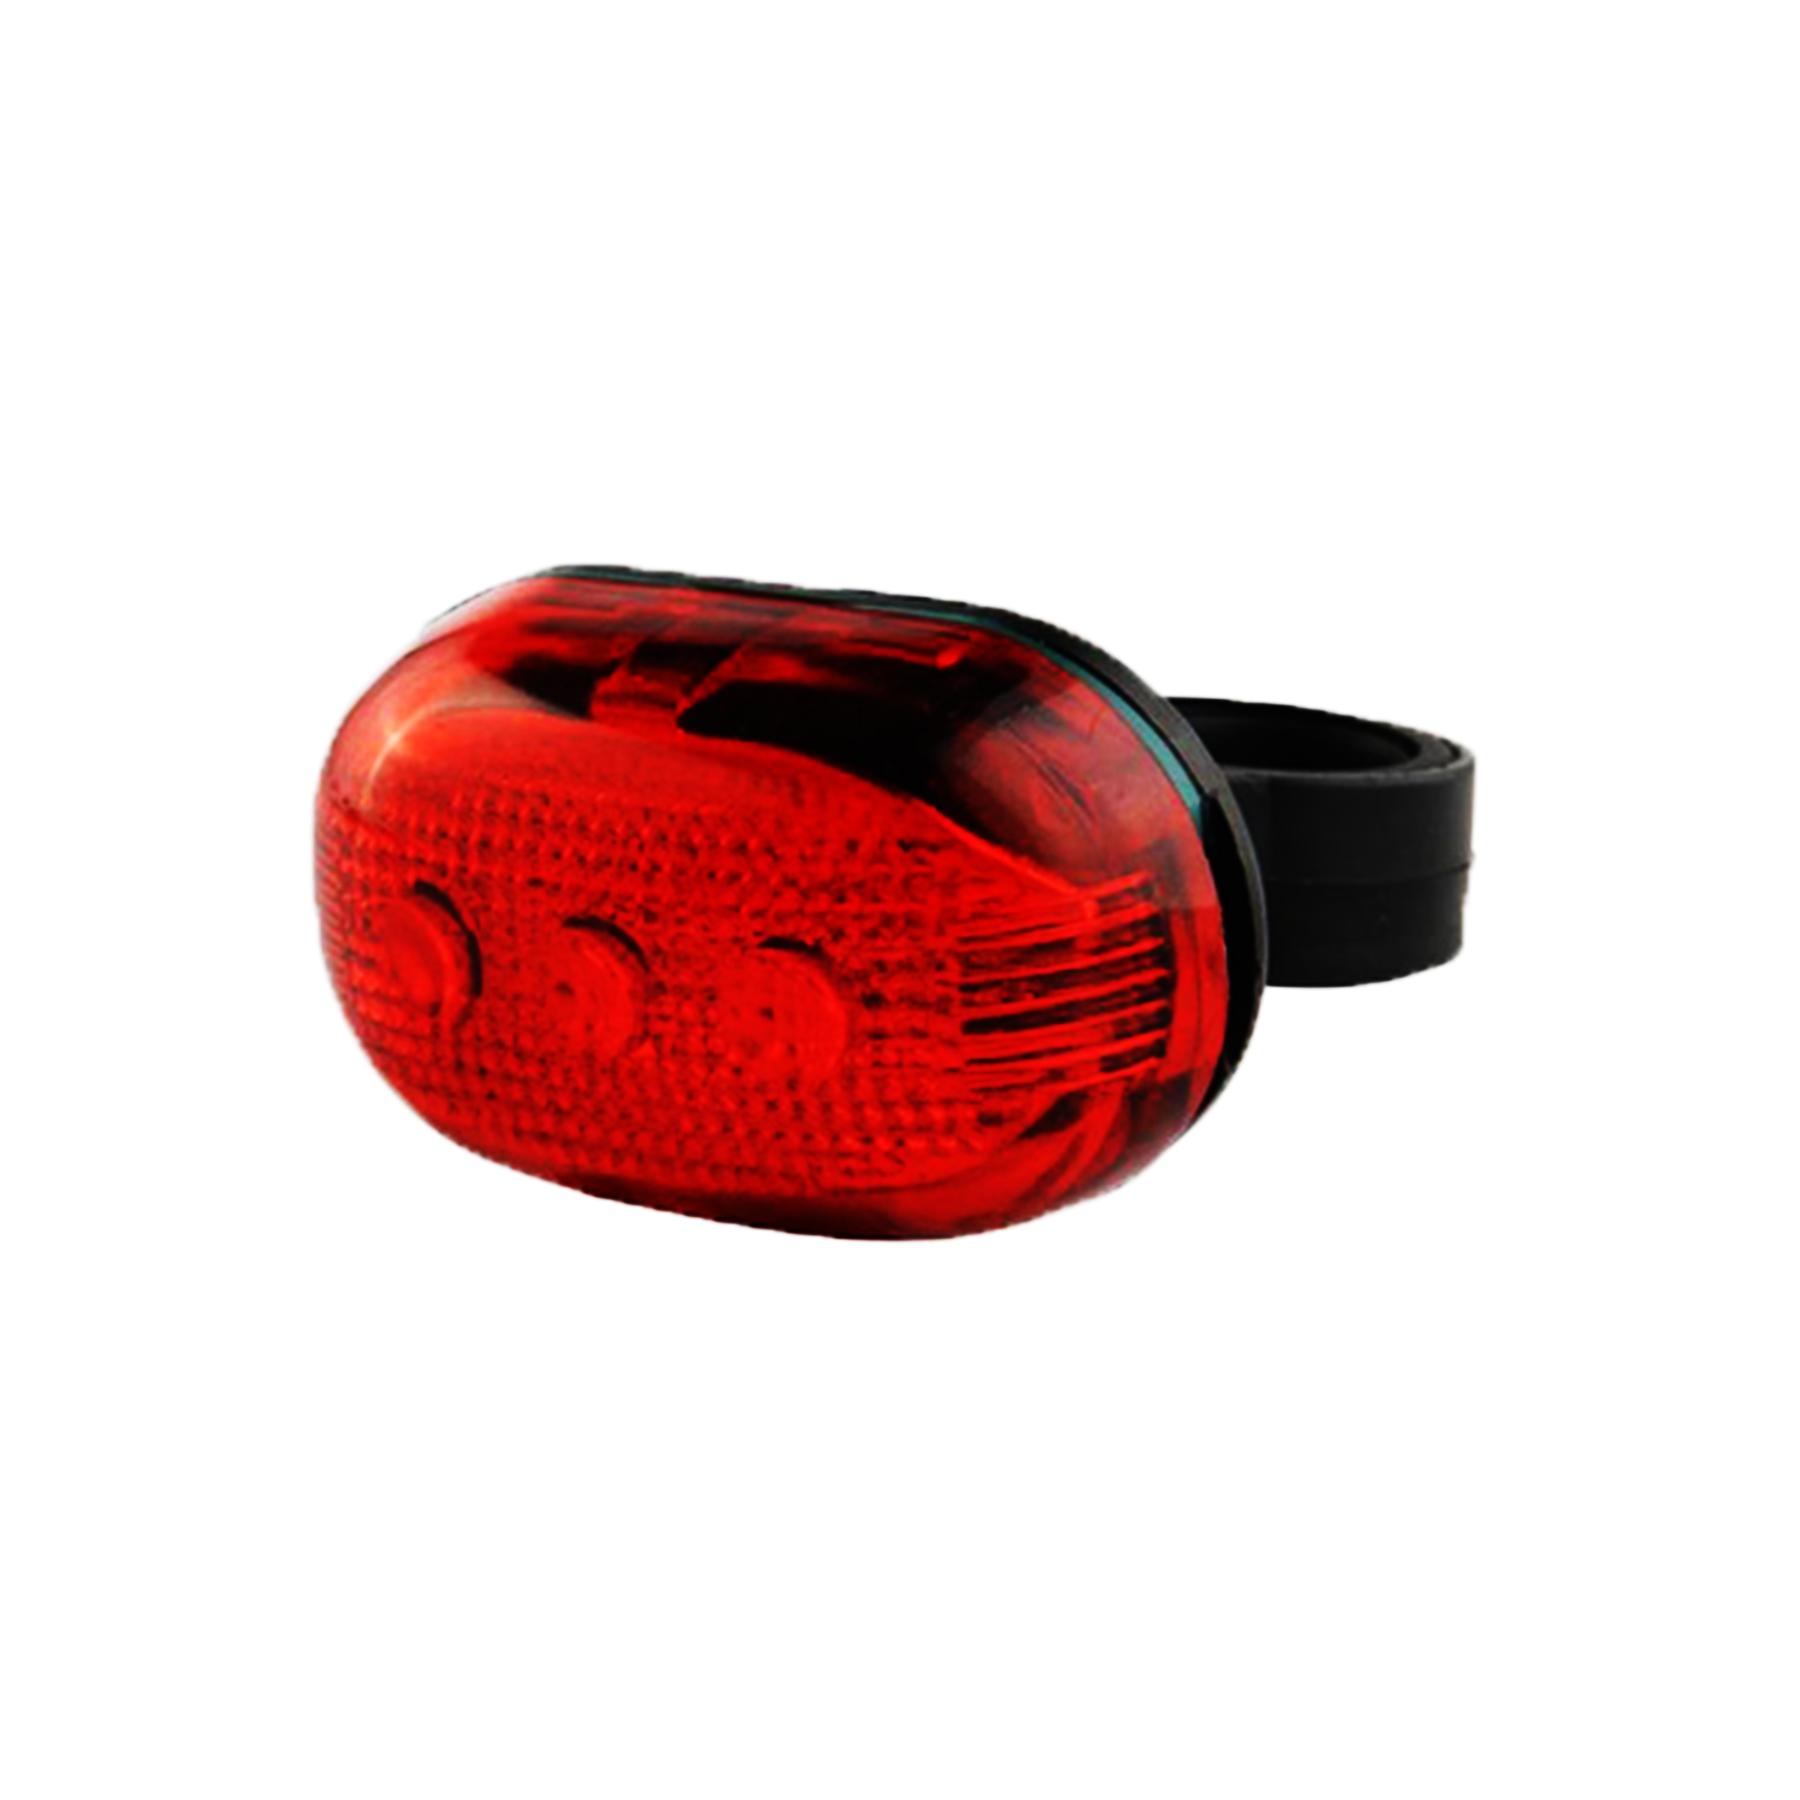 Фонарь задний JY-603Т  3 диода, 3 режима красный